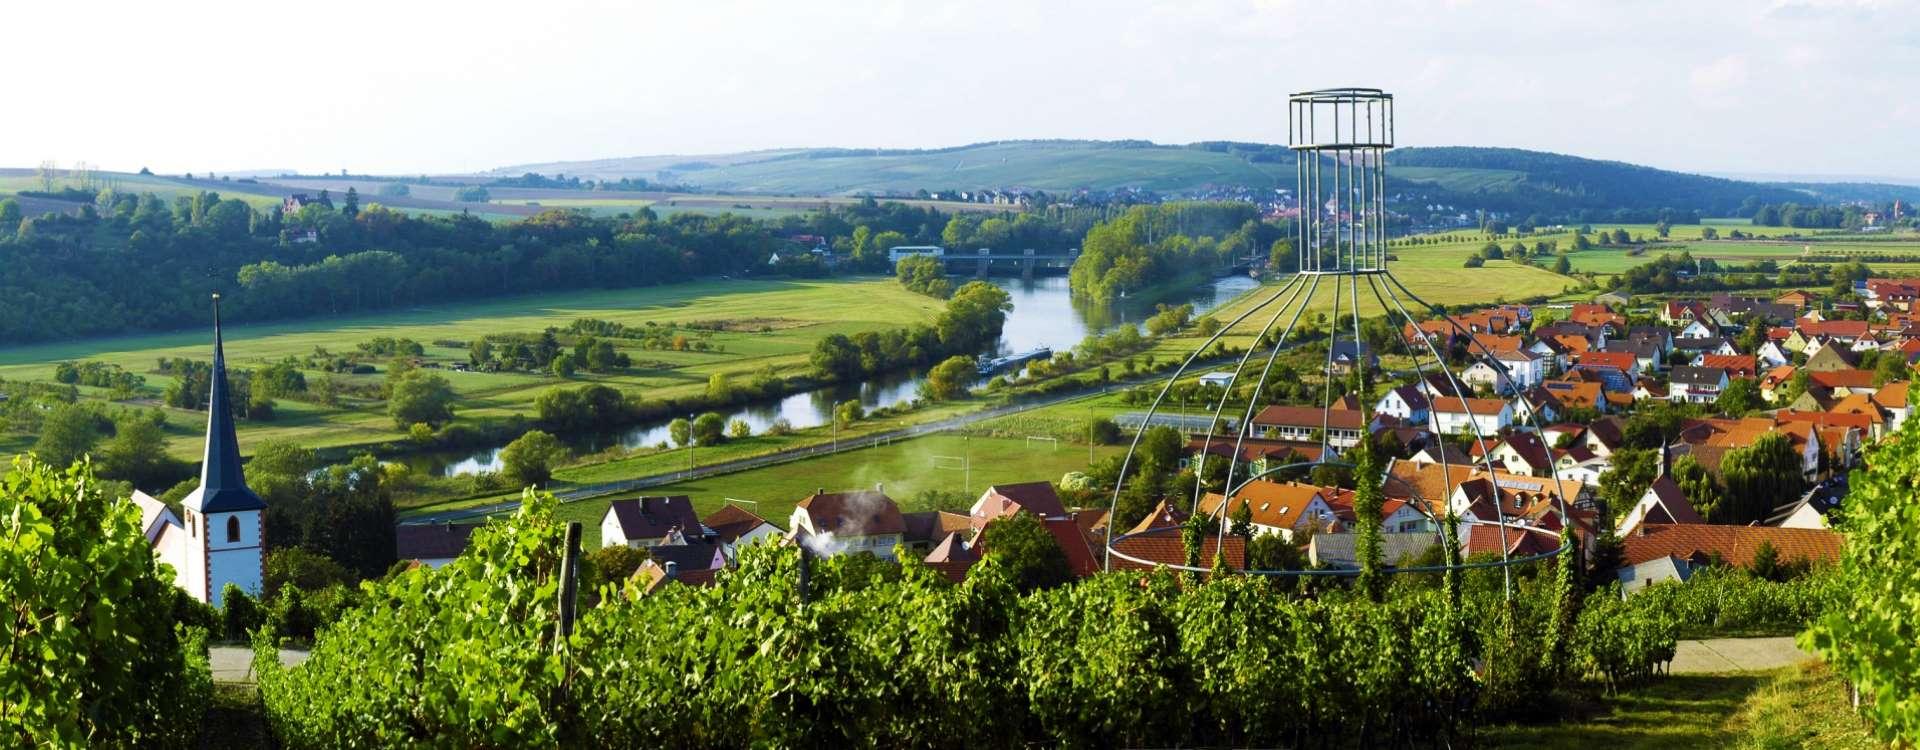 Blick vom Weinberg über den Fluss